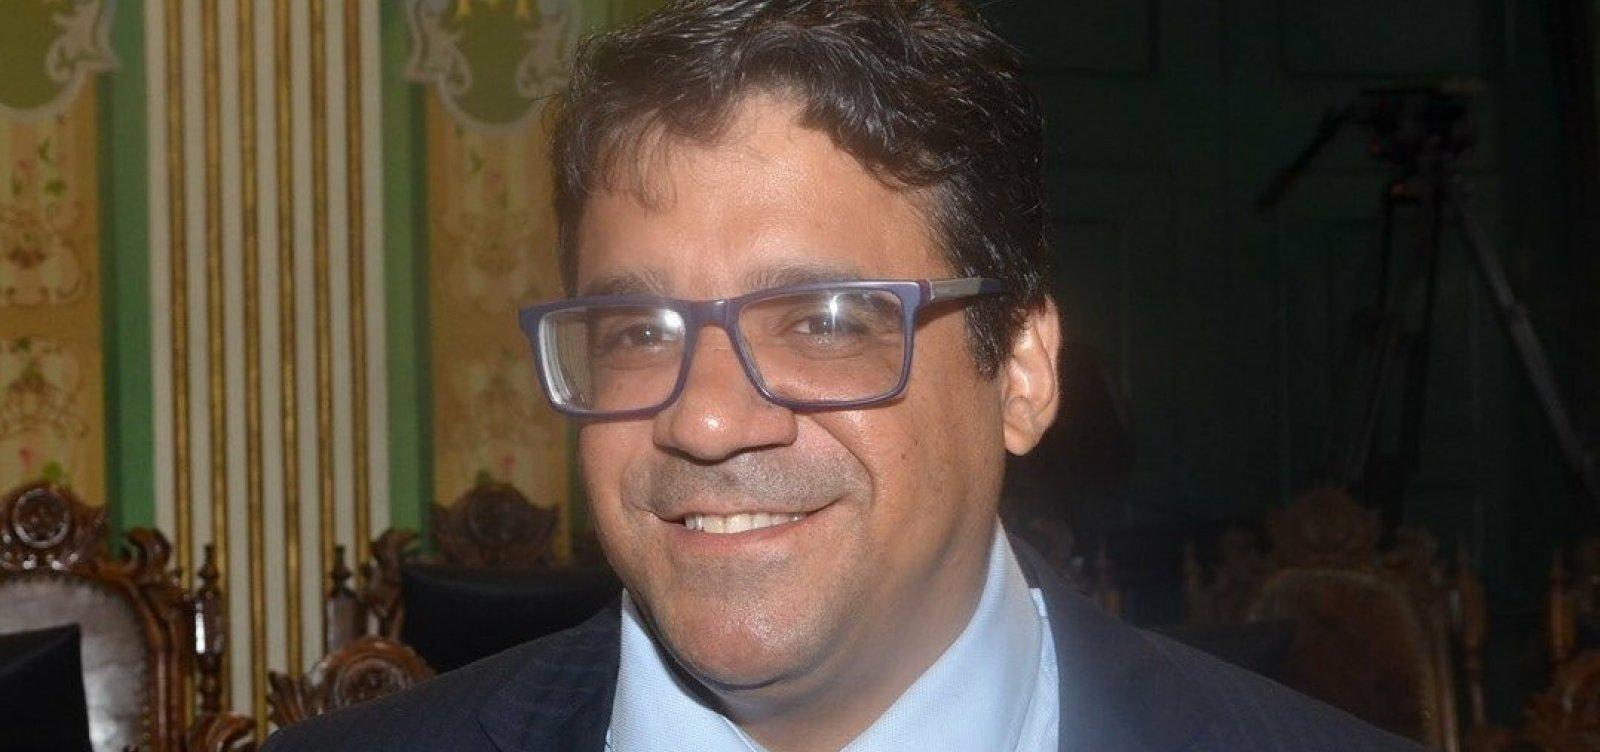 Vereador Daniel Rios morre aos 46 anos em Salvador